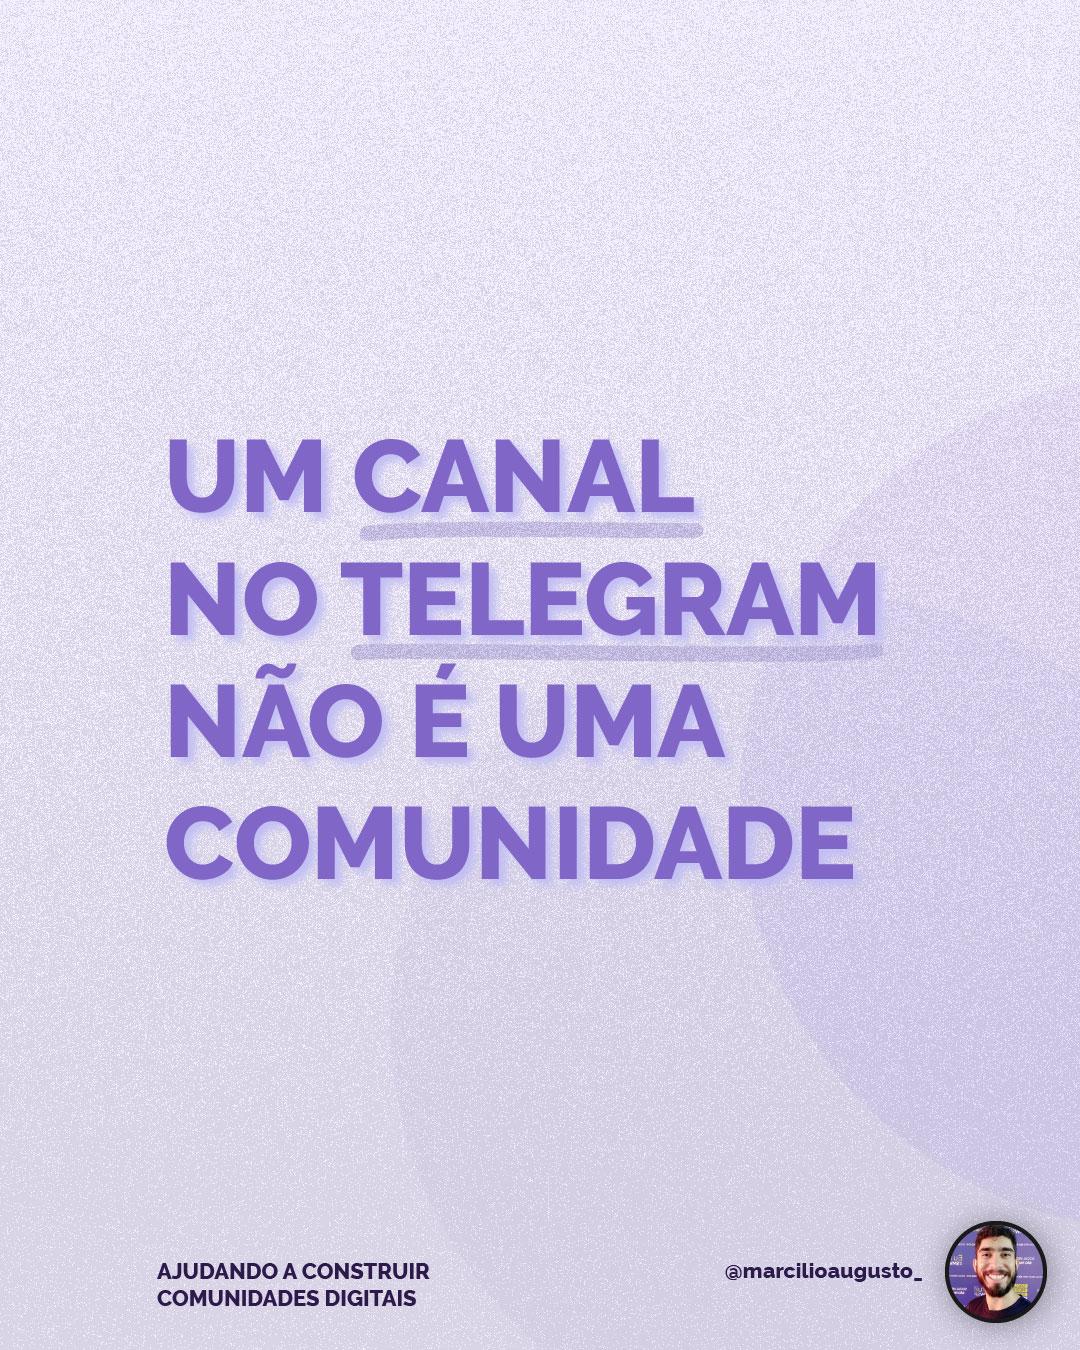 Um canal no telegram não é uma comunidade